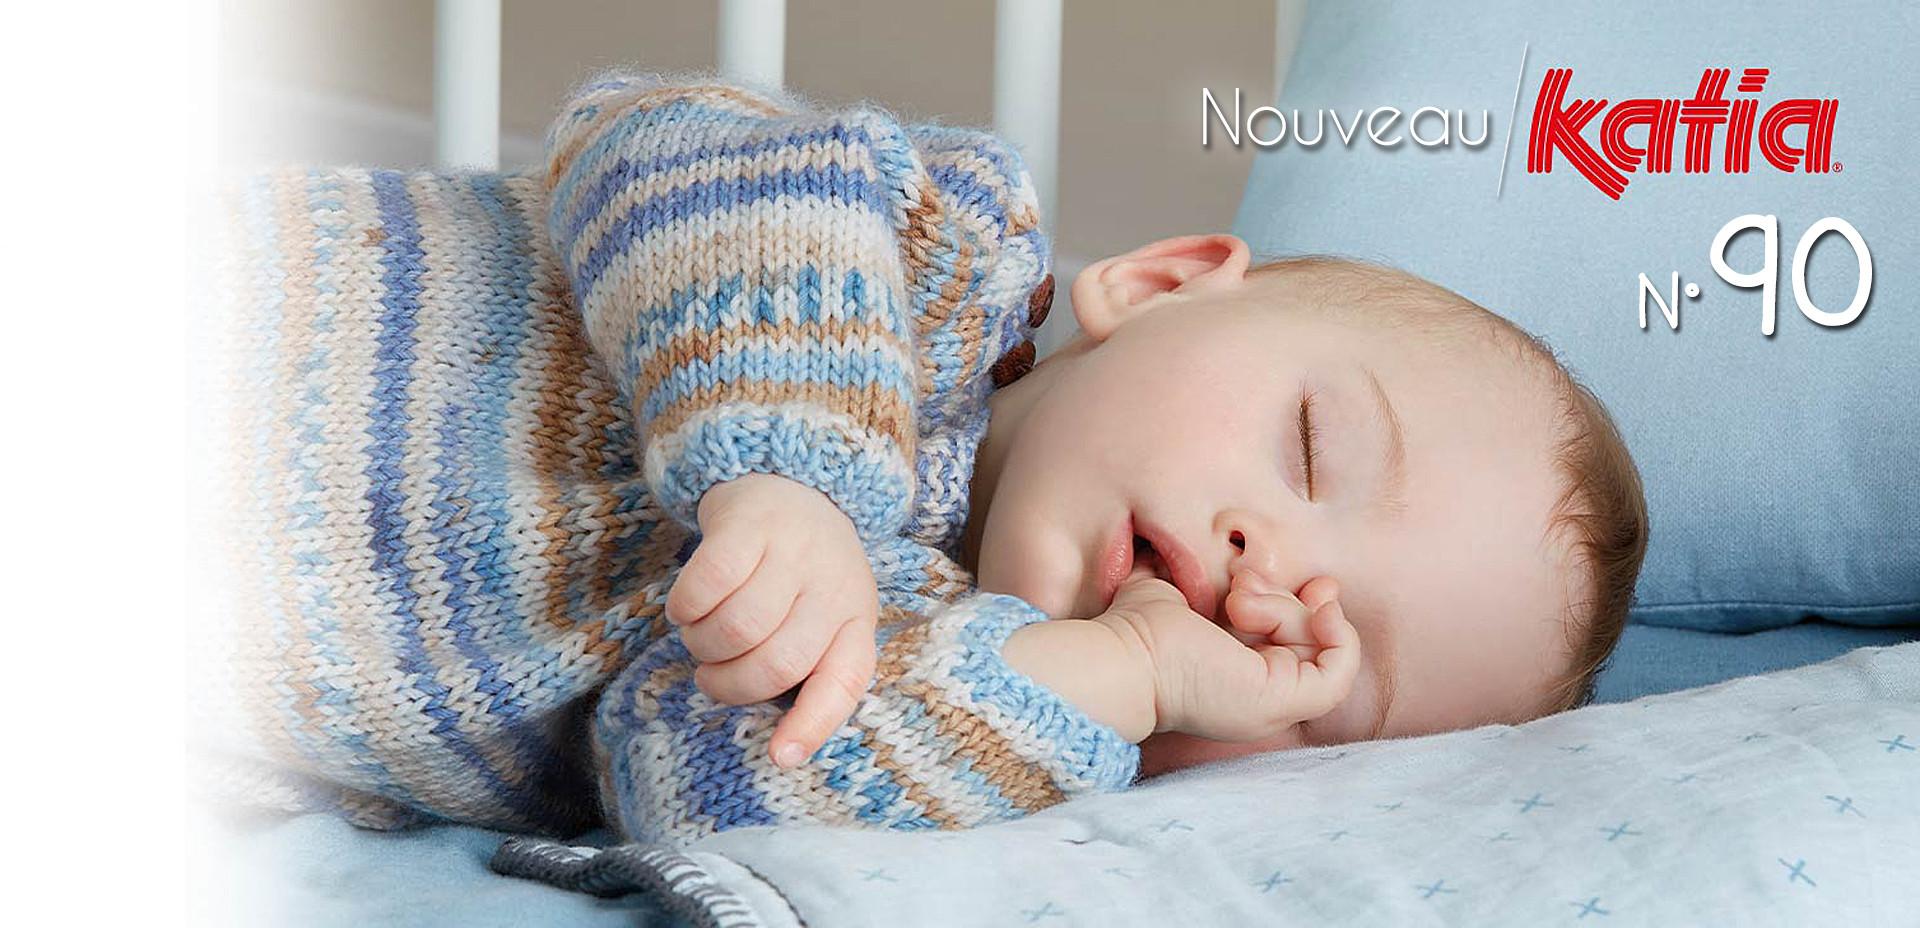 Magazine Katia N90 Créations pour bébé